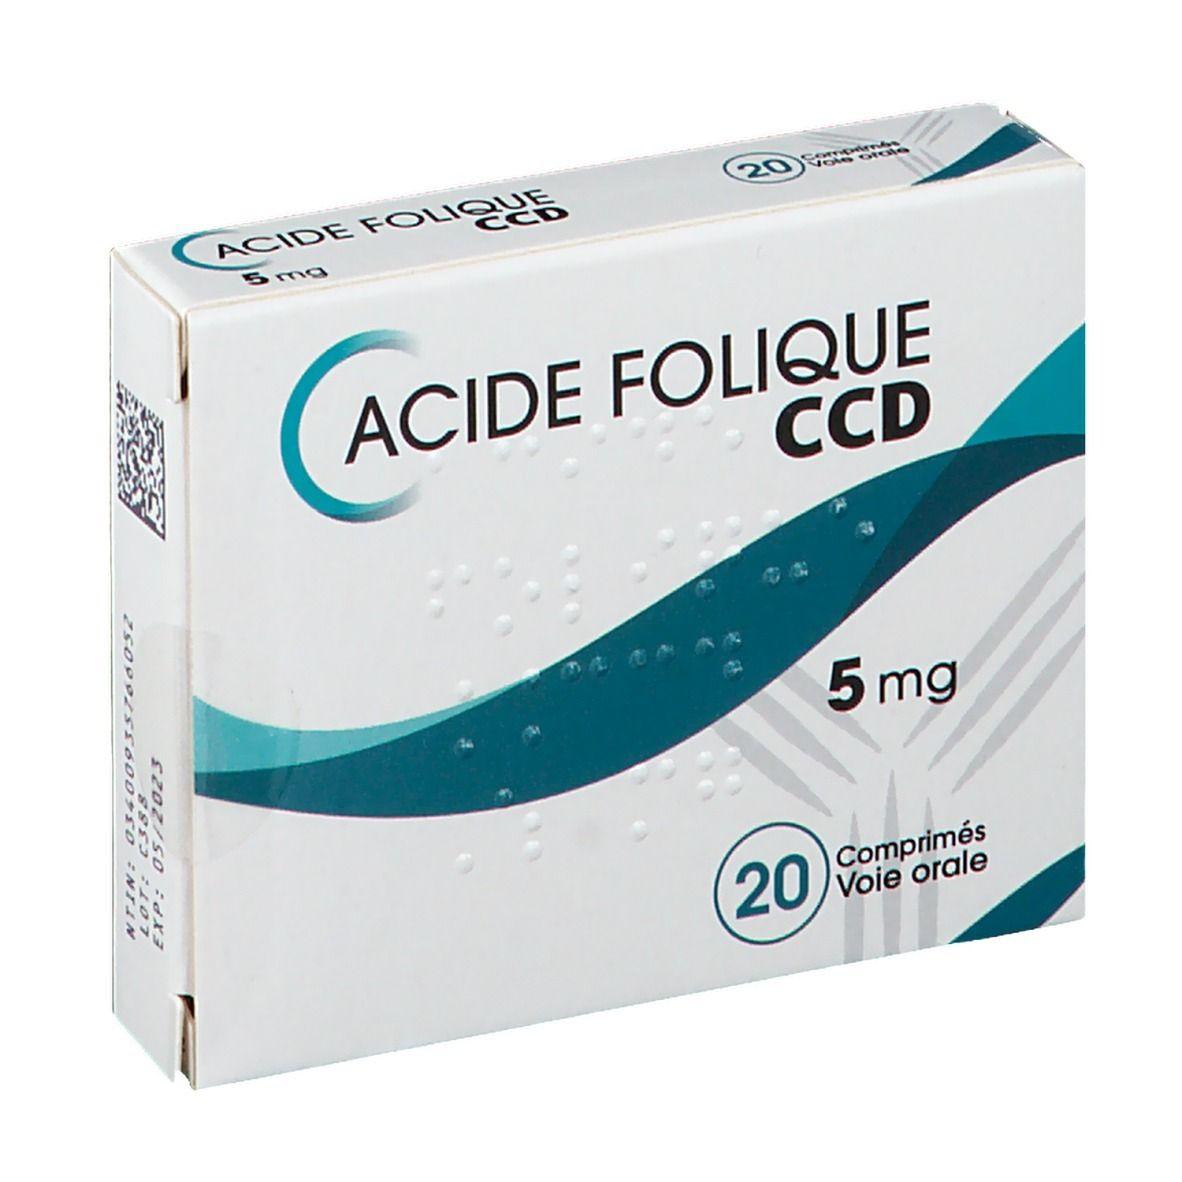 C.c.d. Laboratoire C.C.D. Acide Folique 5 mg pc(s) comprimé(s)